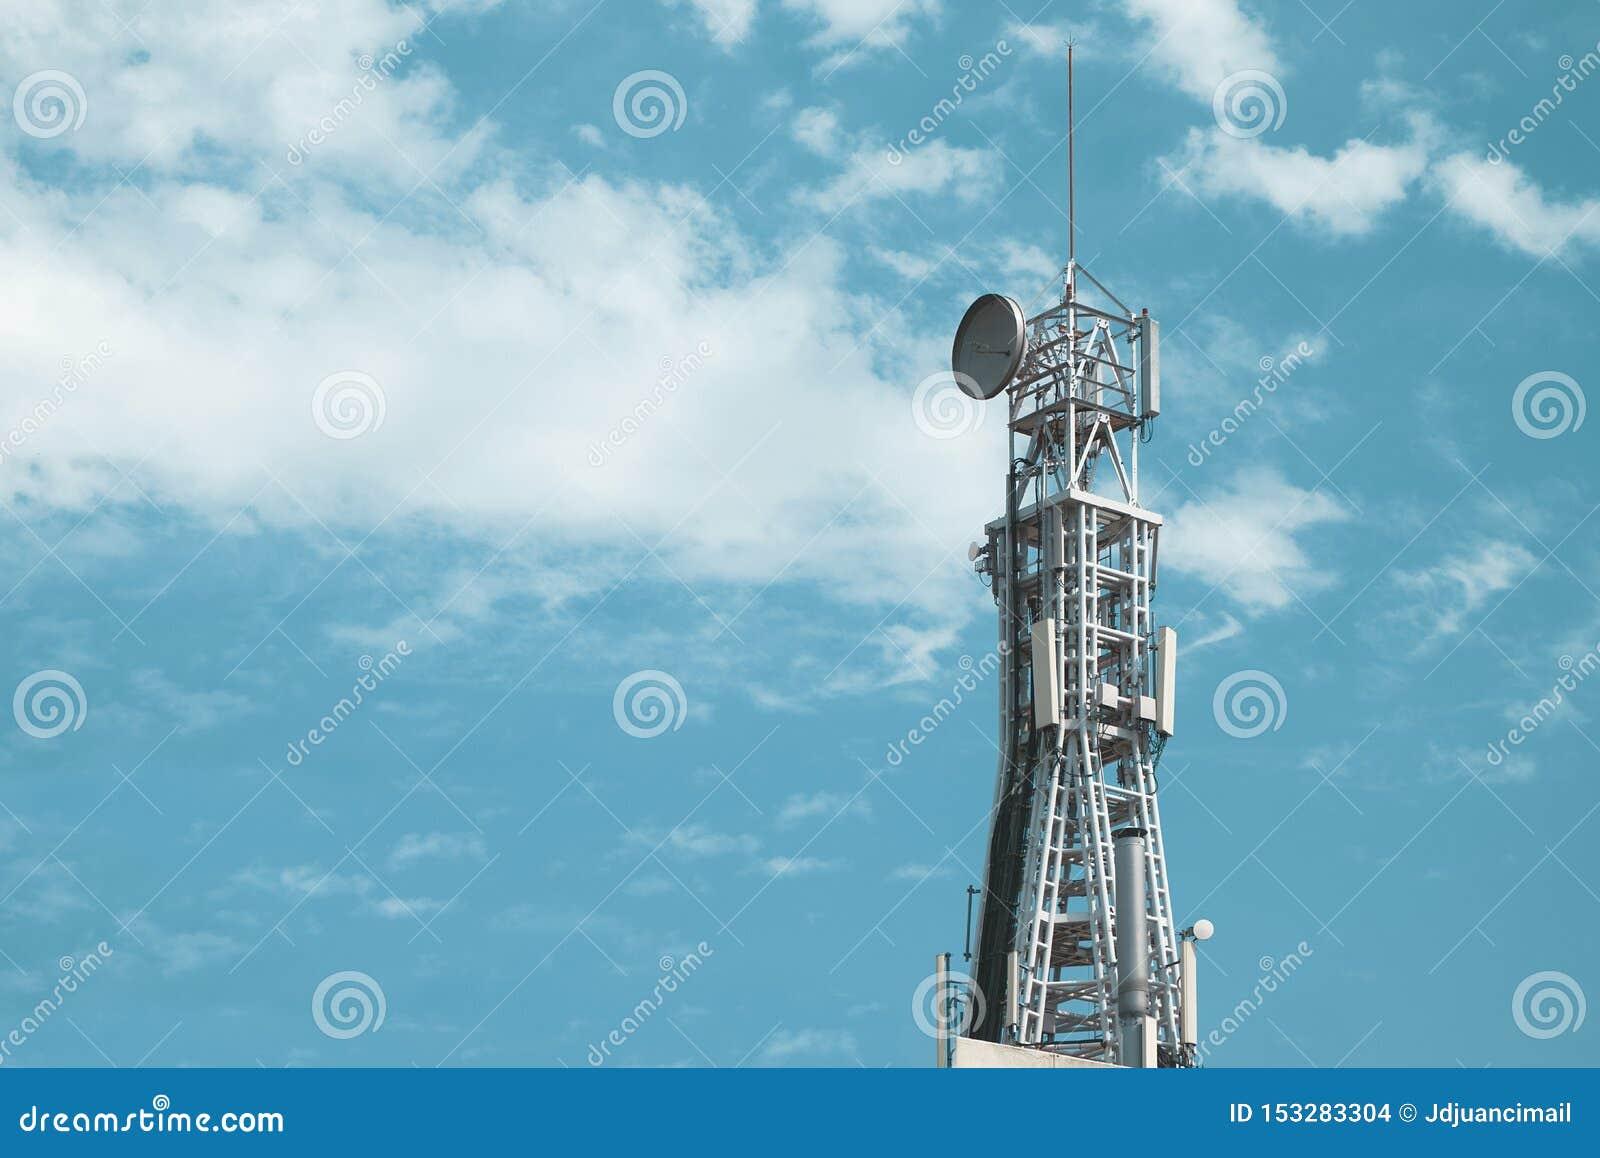 Tour de communication mobile de signal de télécom contre un ciel bleu l espace vide de copie